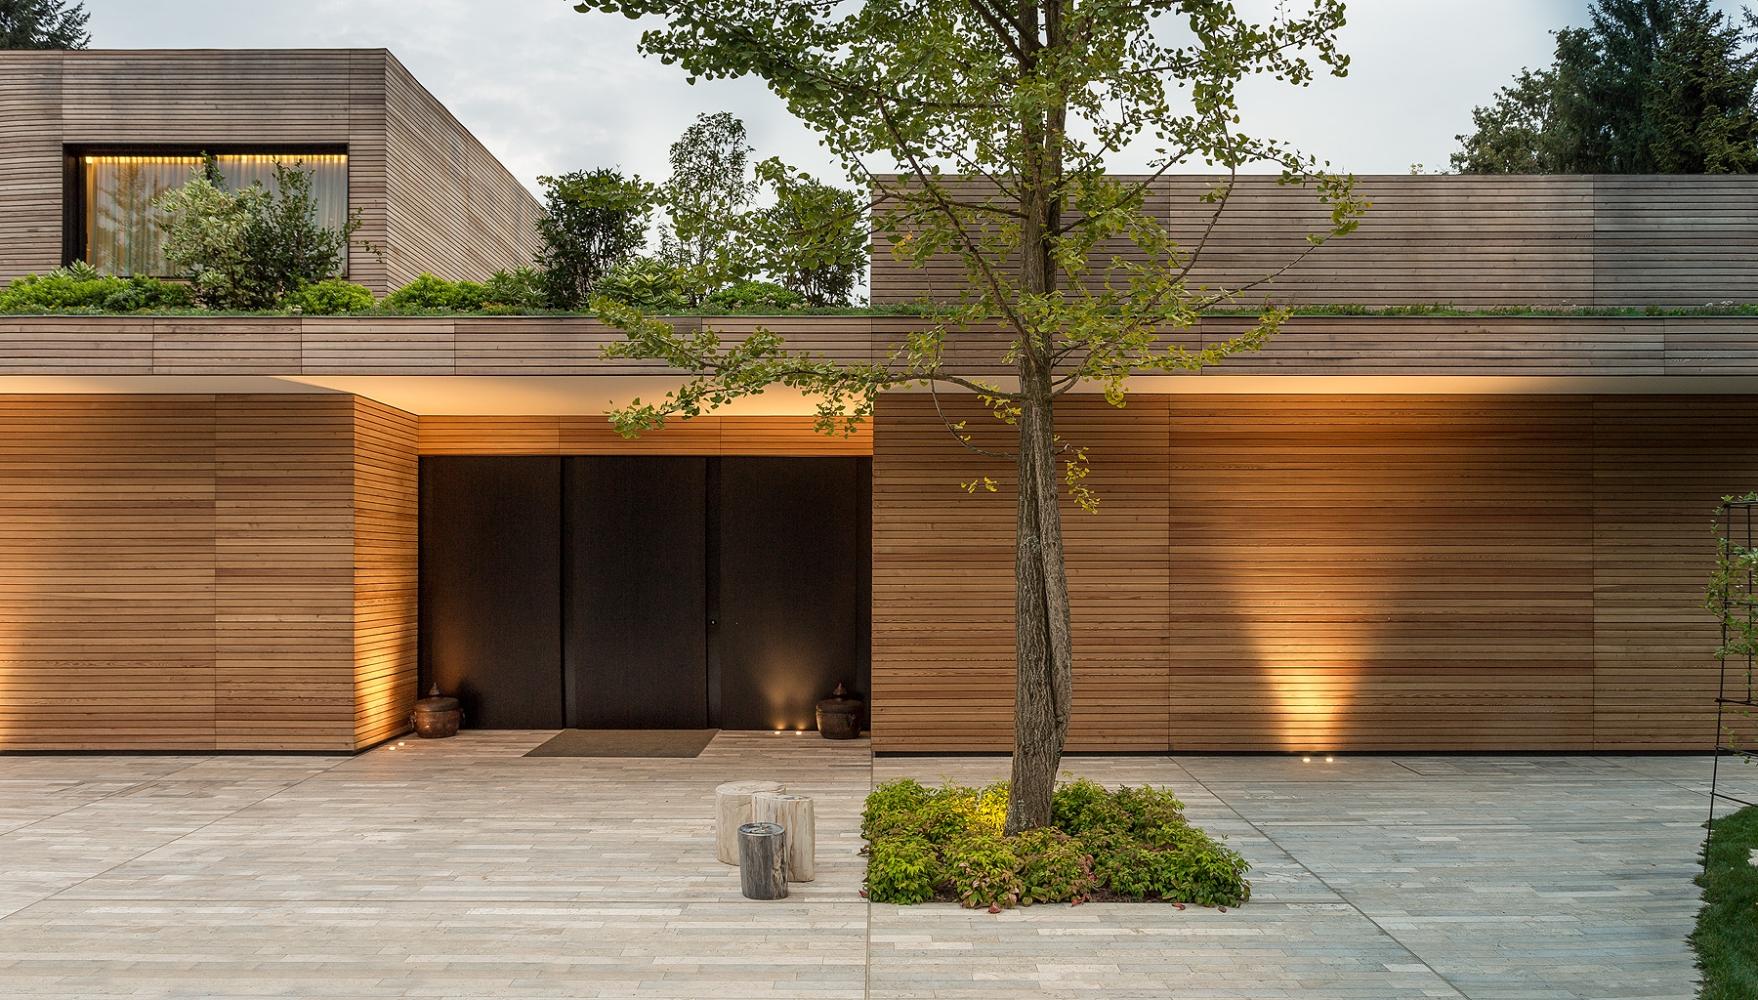 Villa prefabbricata interamente in legno monza brianza for Casa ecosostenibile prefabbricata